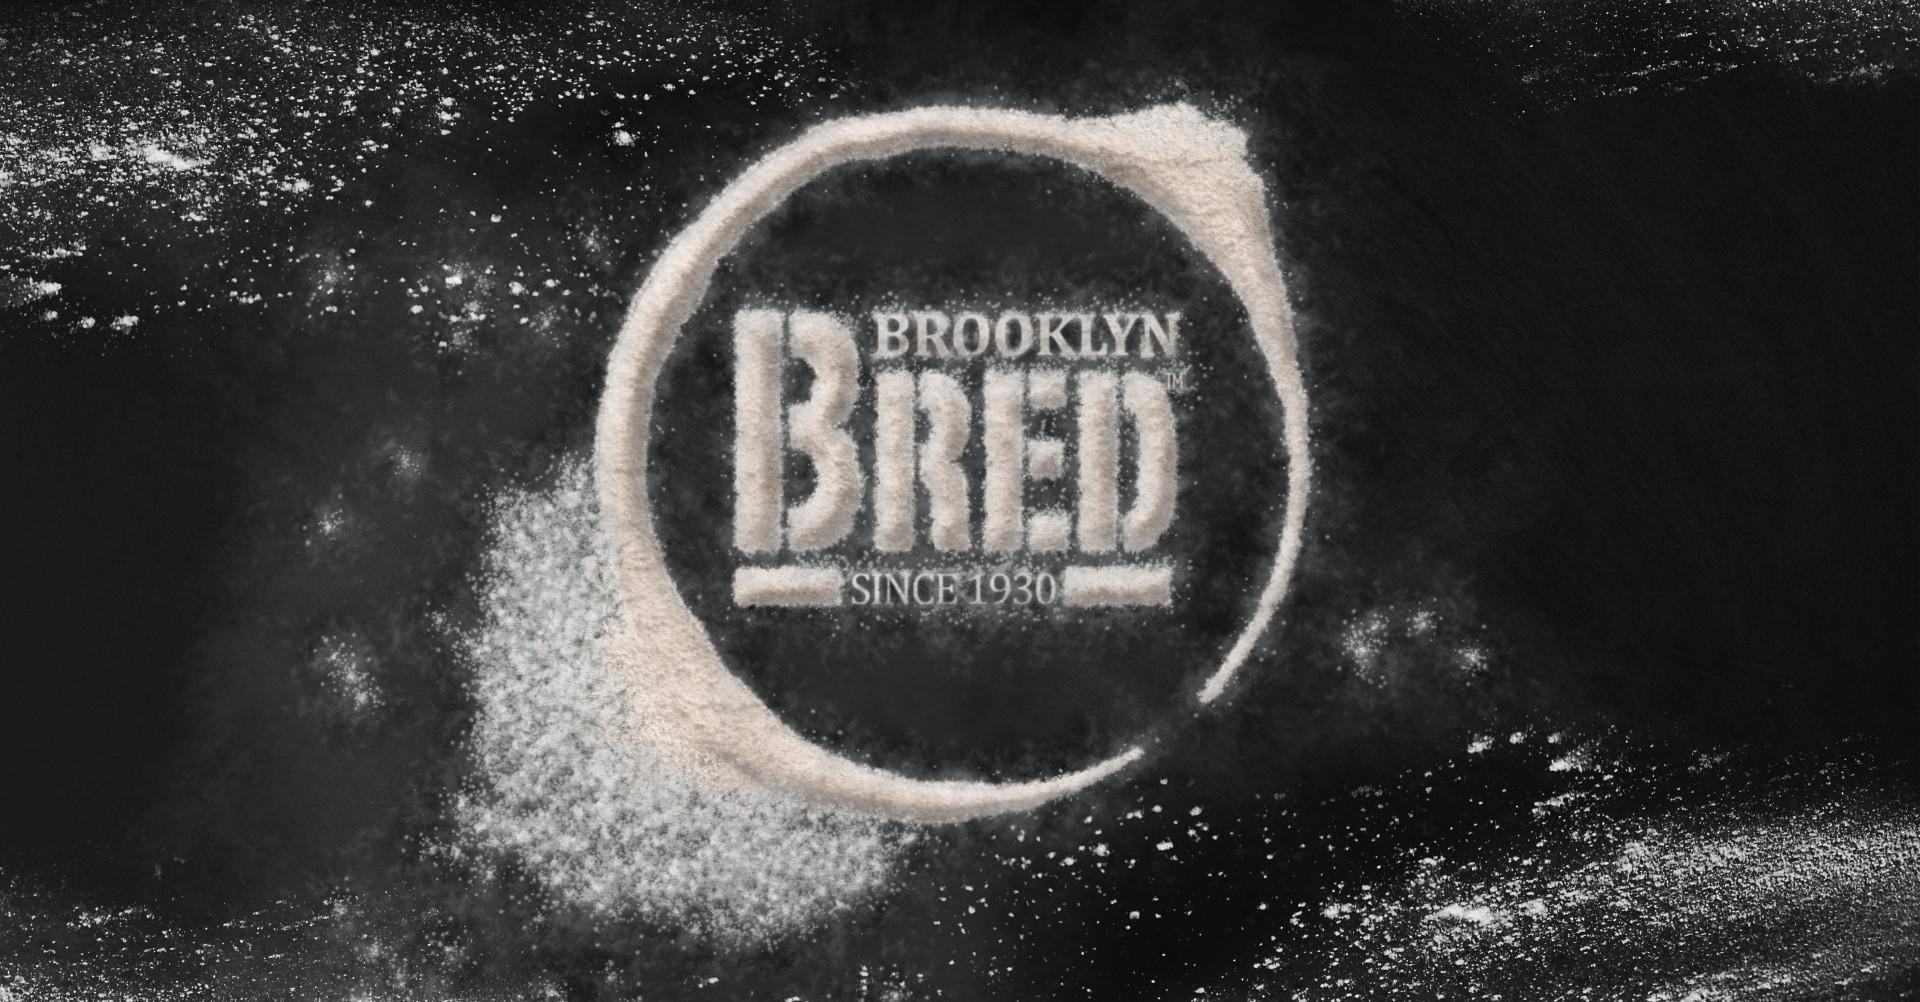 Brooklyn Bred Flour